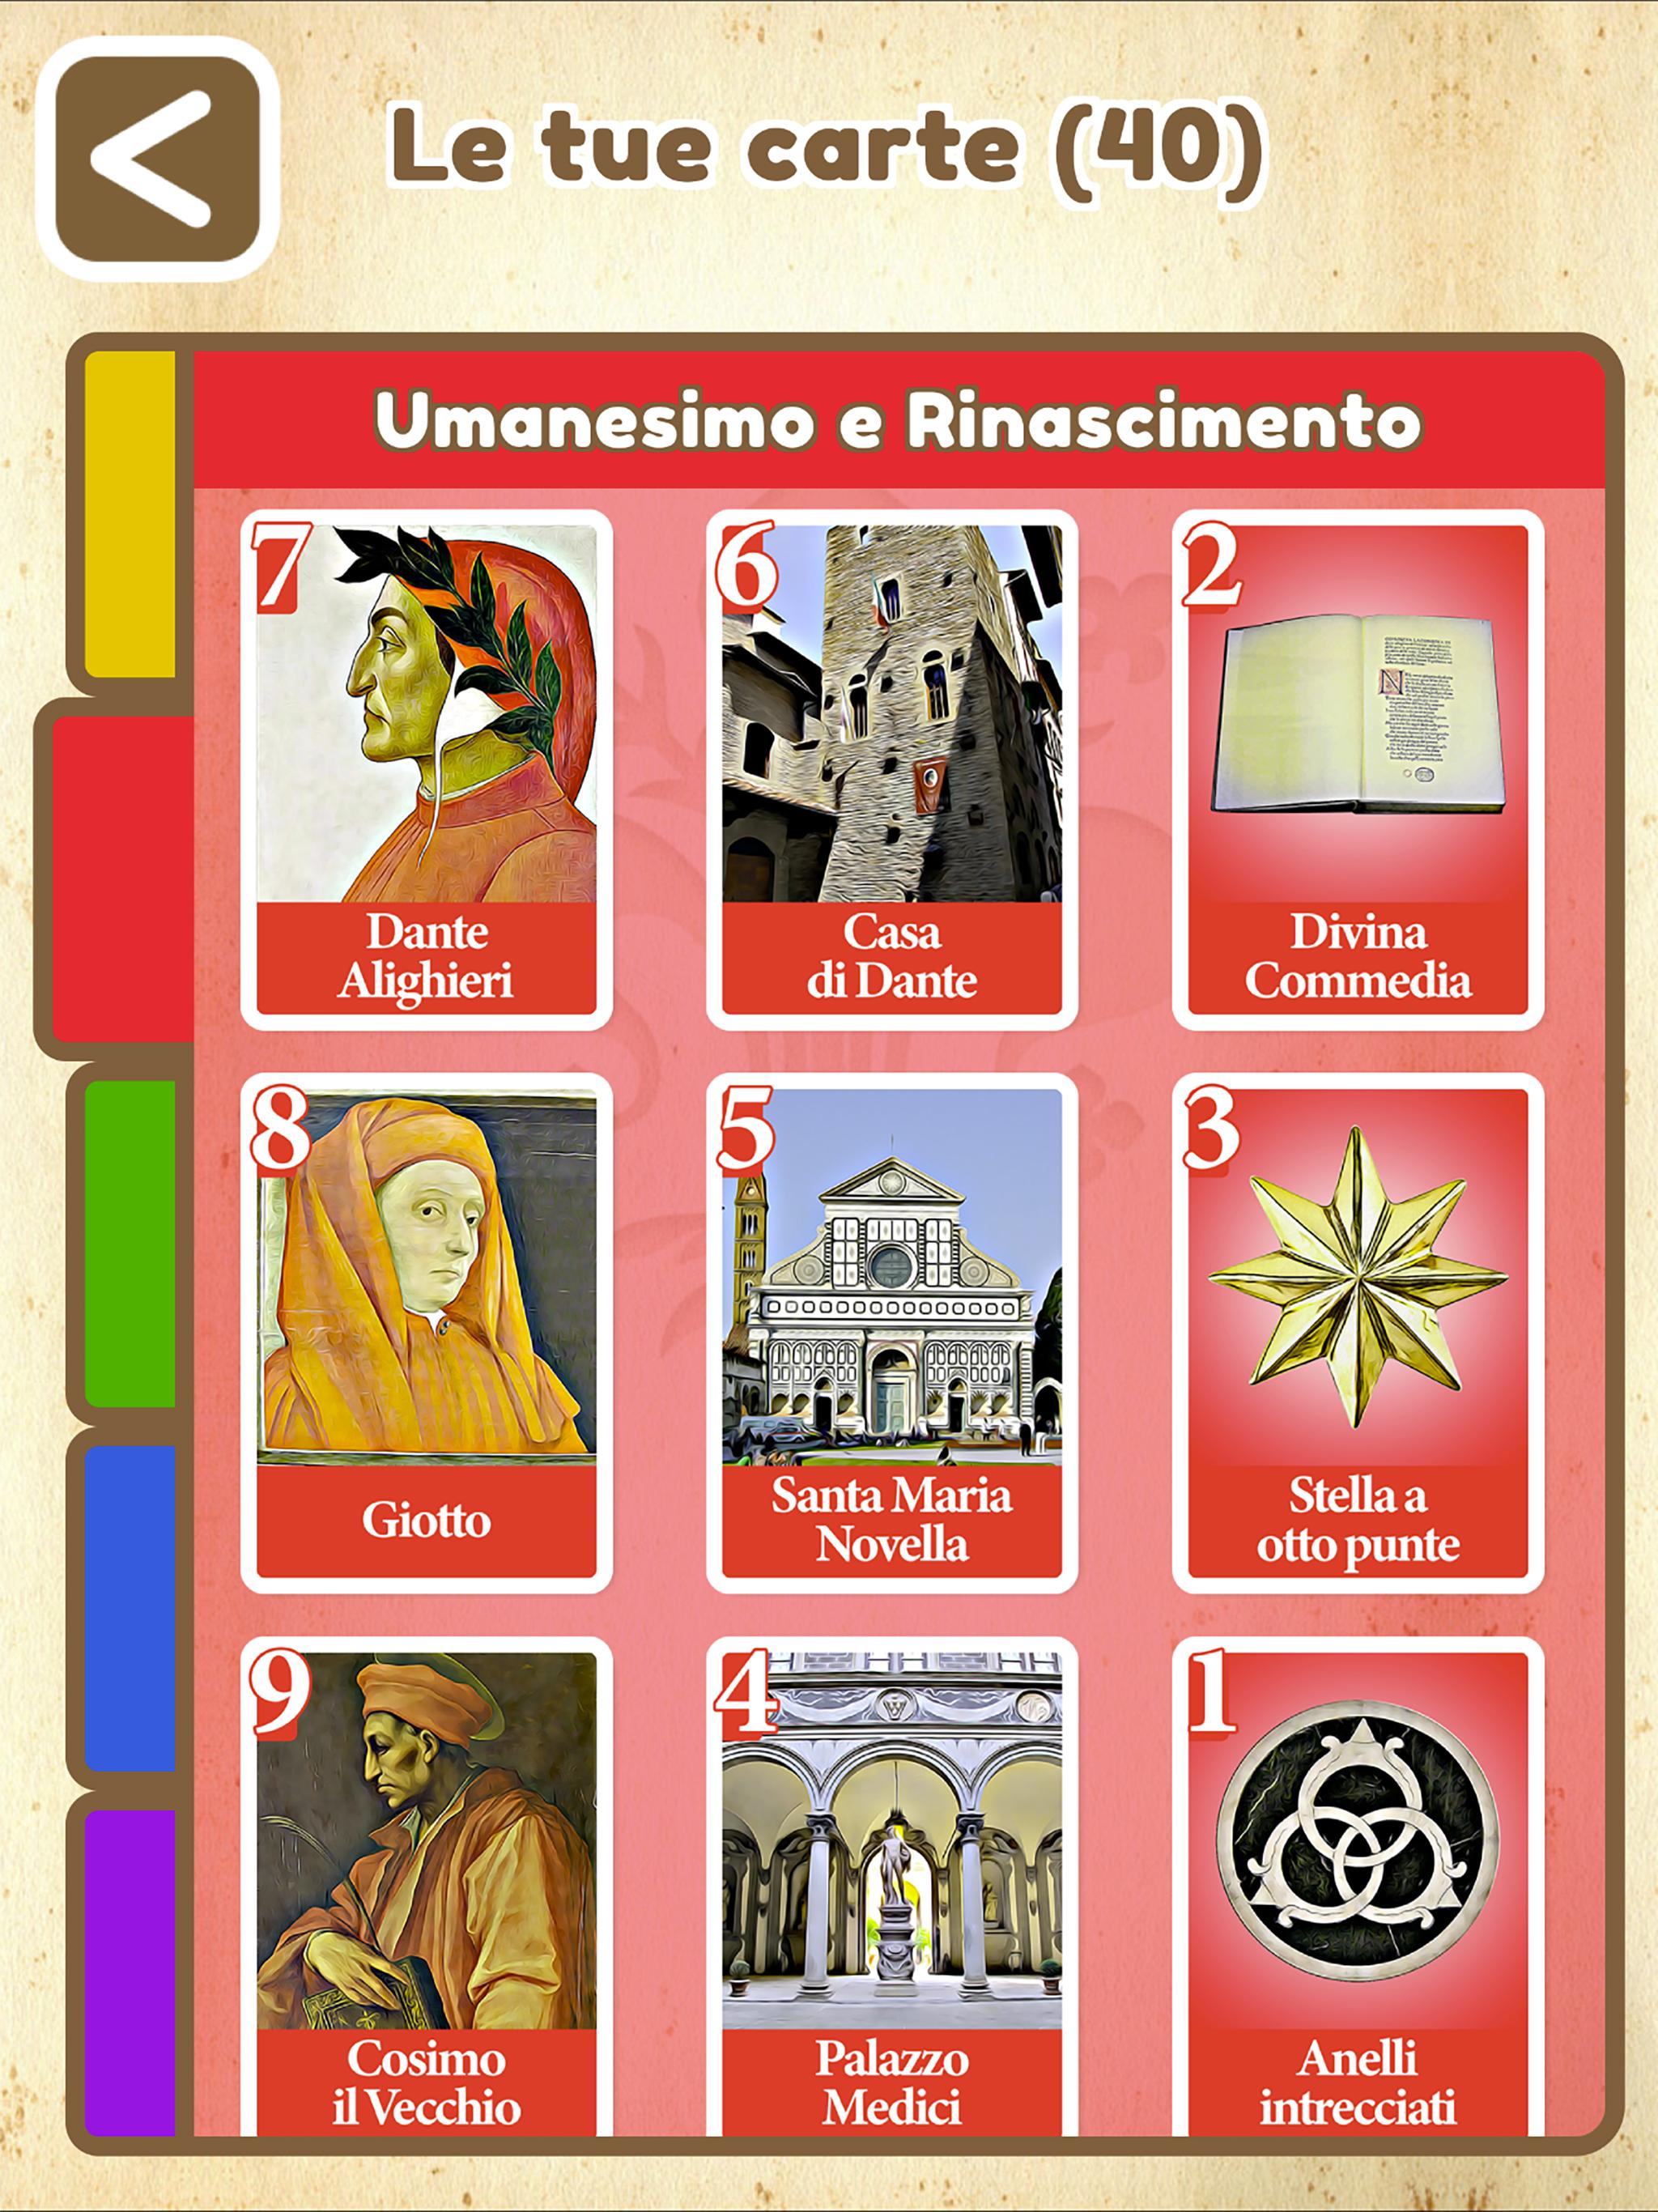 Le carte rare di Firenze